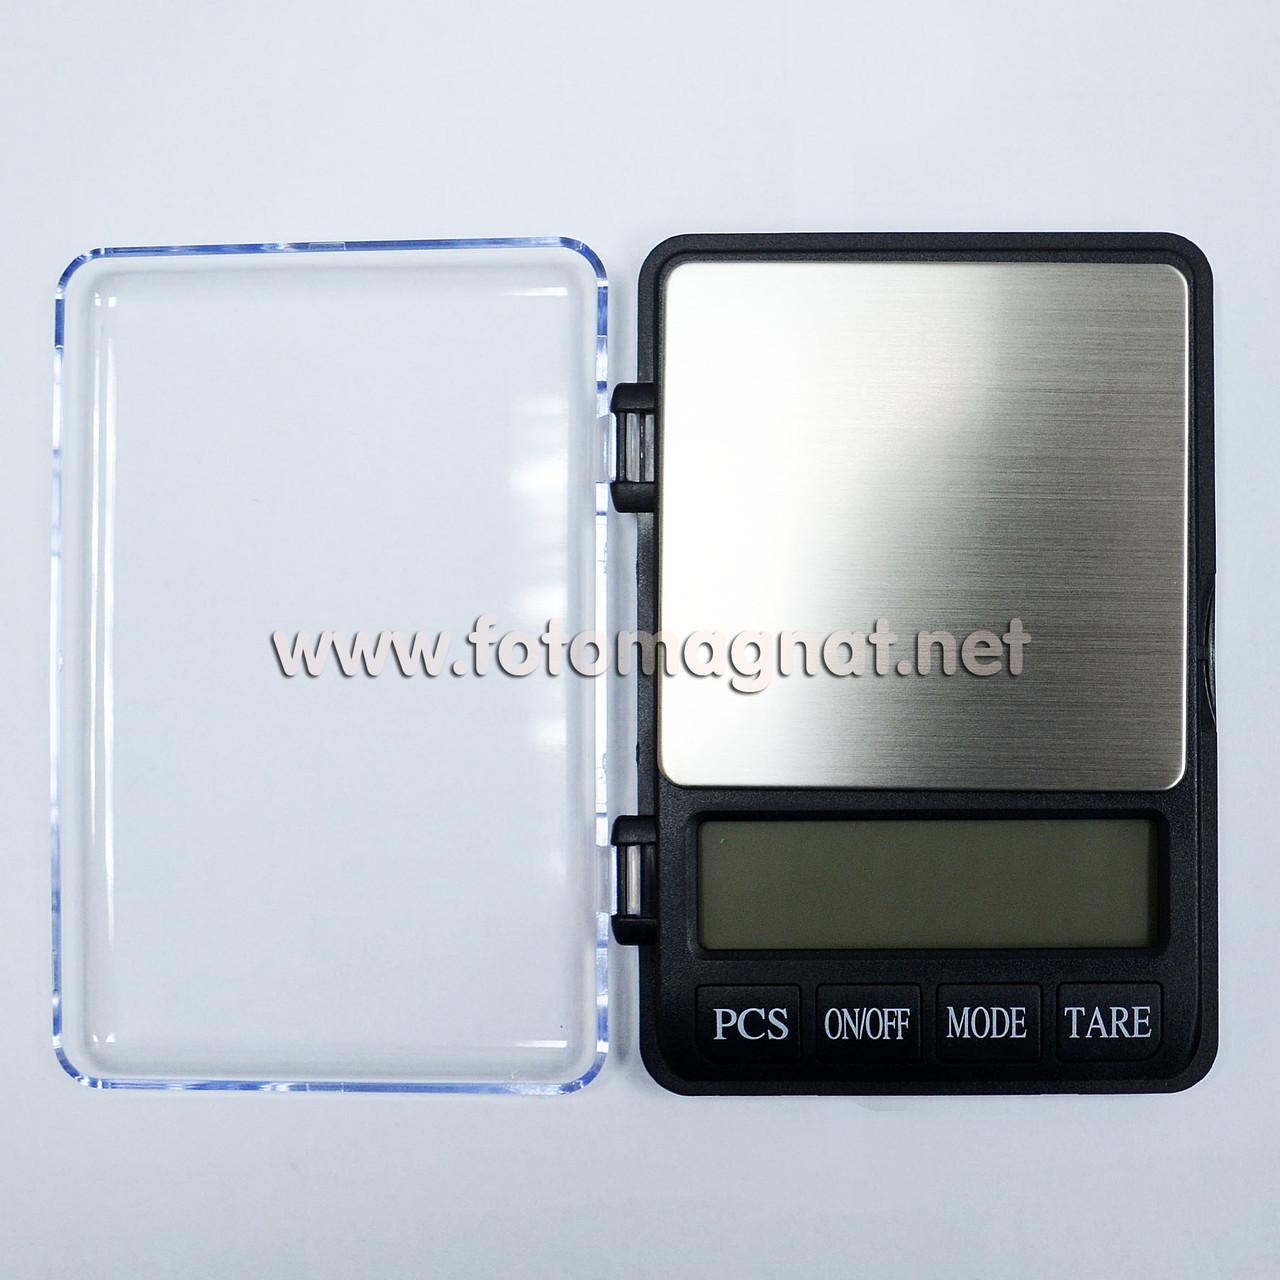 Ваги ювелірні МН-999, 600г. 0.01 г (кишенькові ваги)